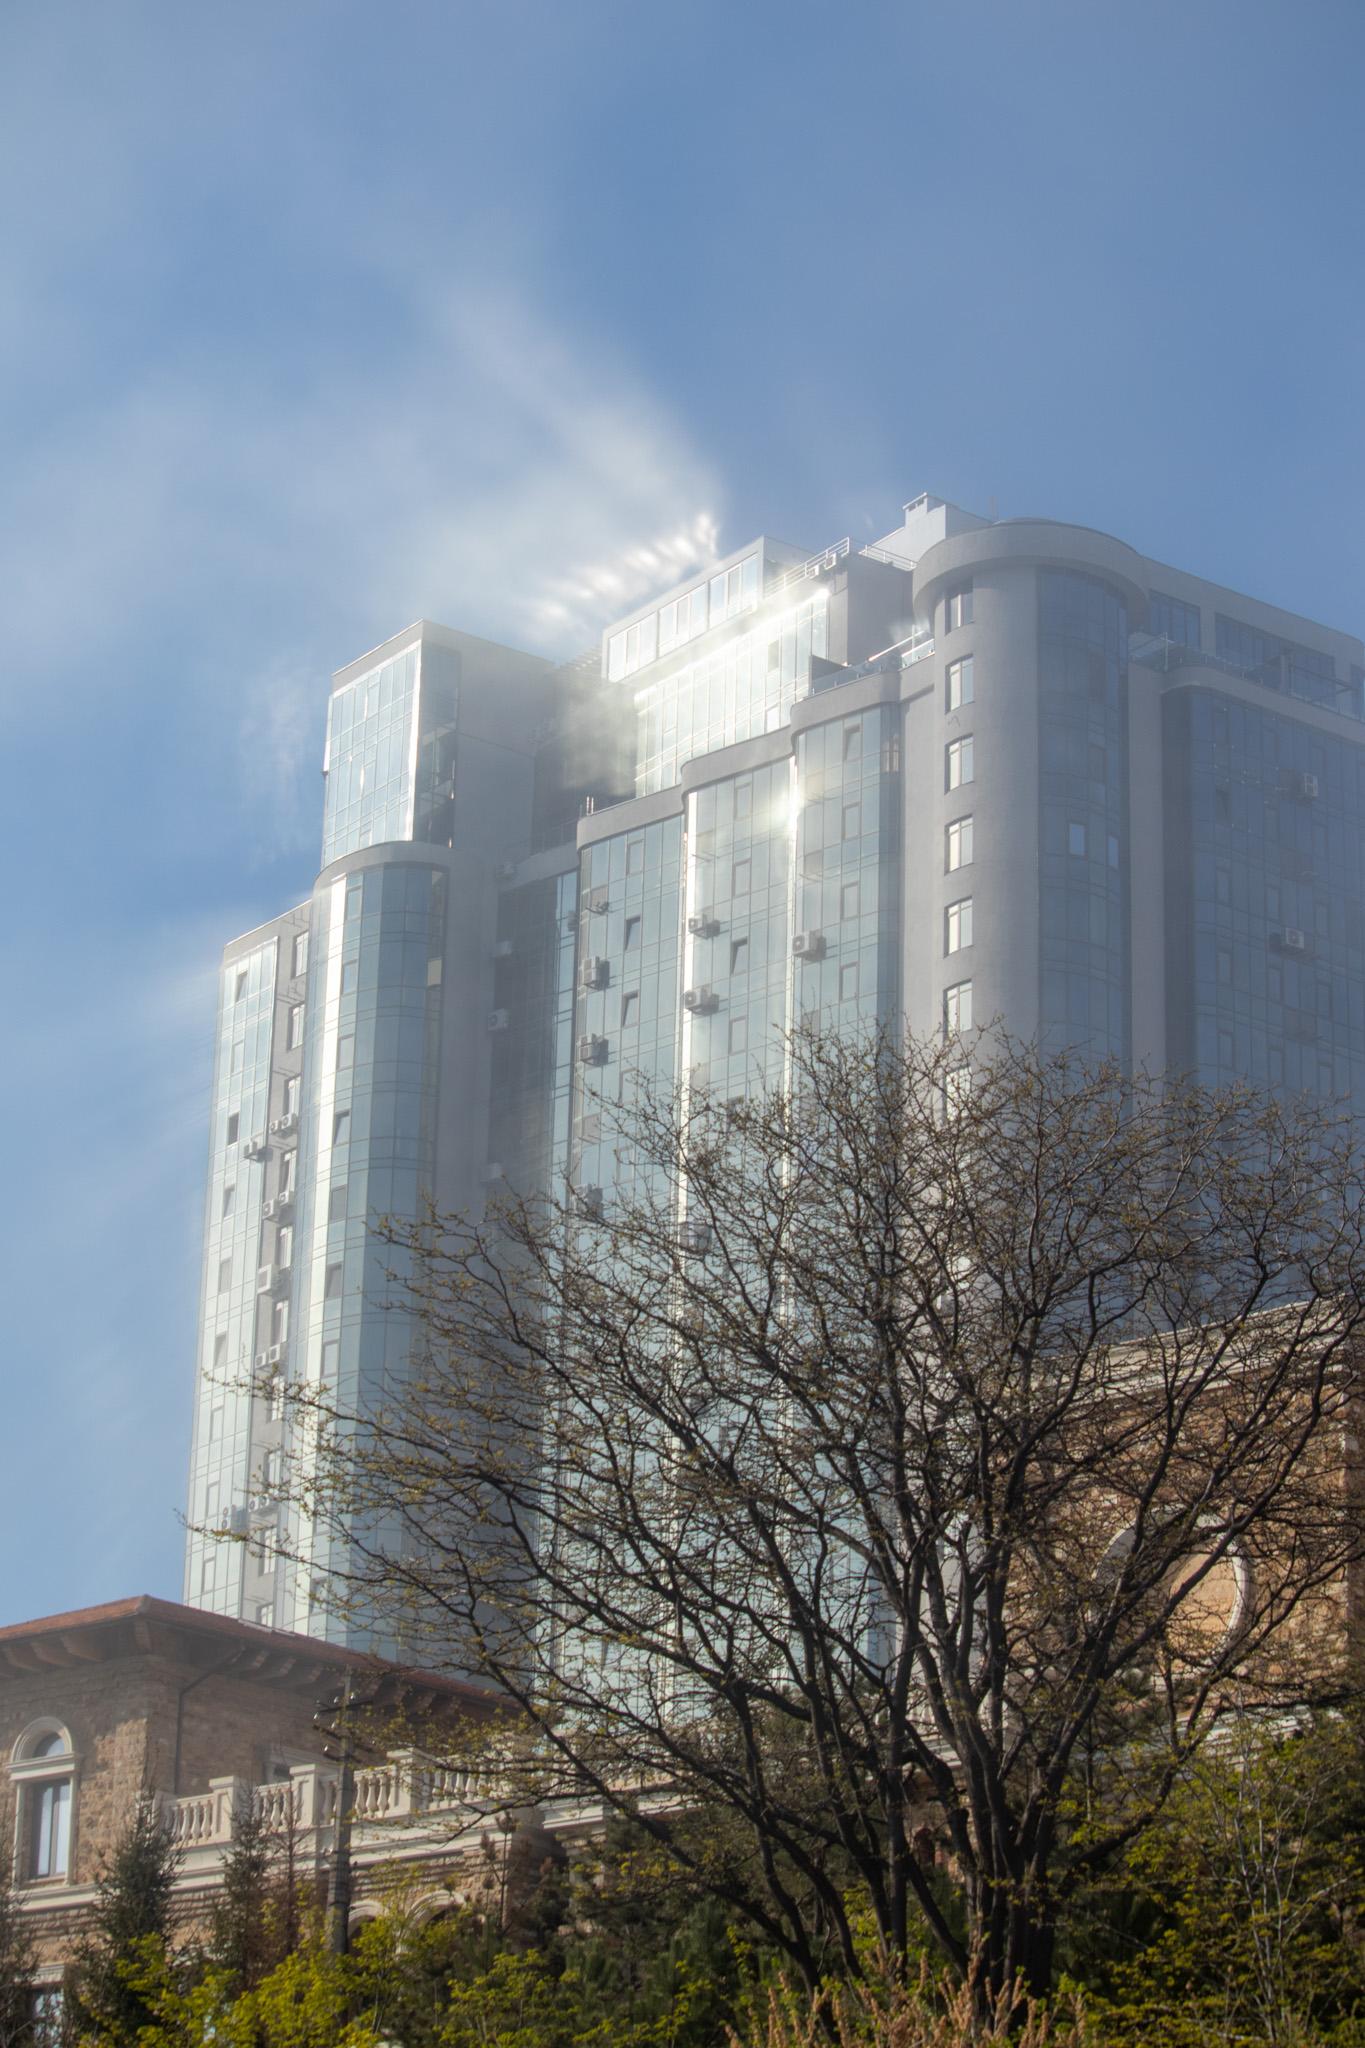 Остекленный фасад здания с бликами солнца в густом тумане 7